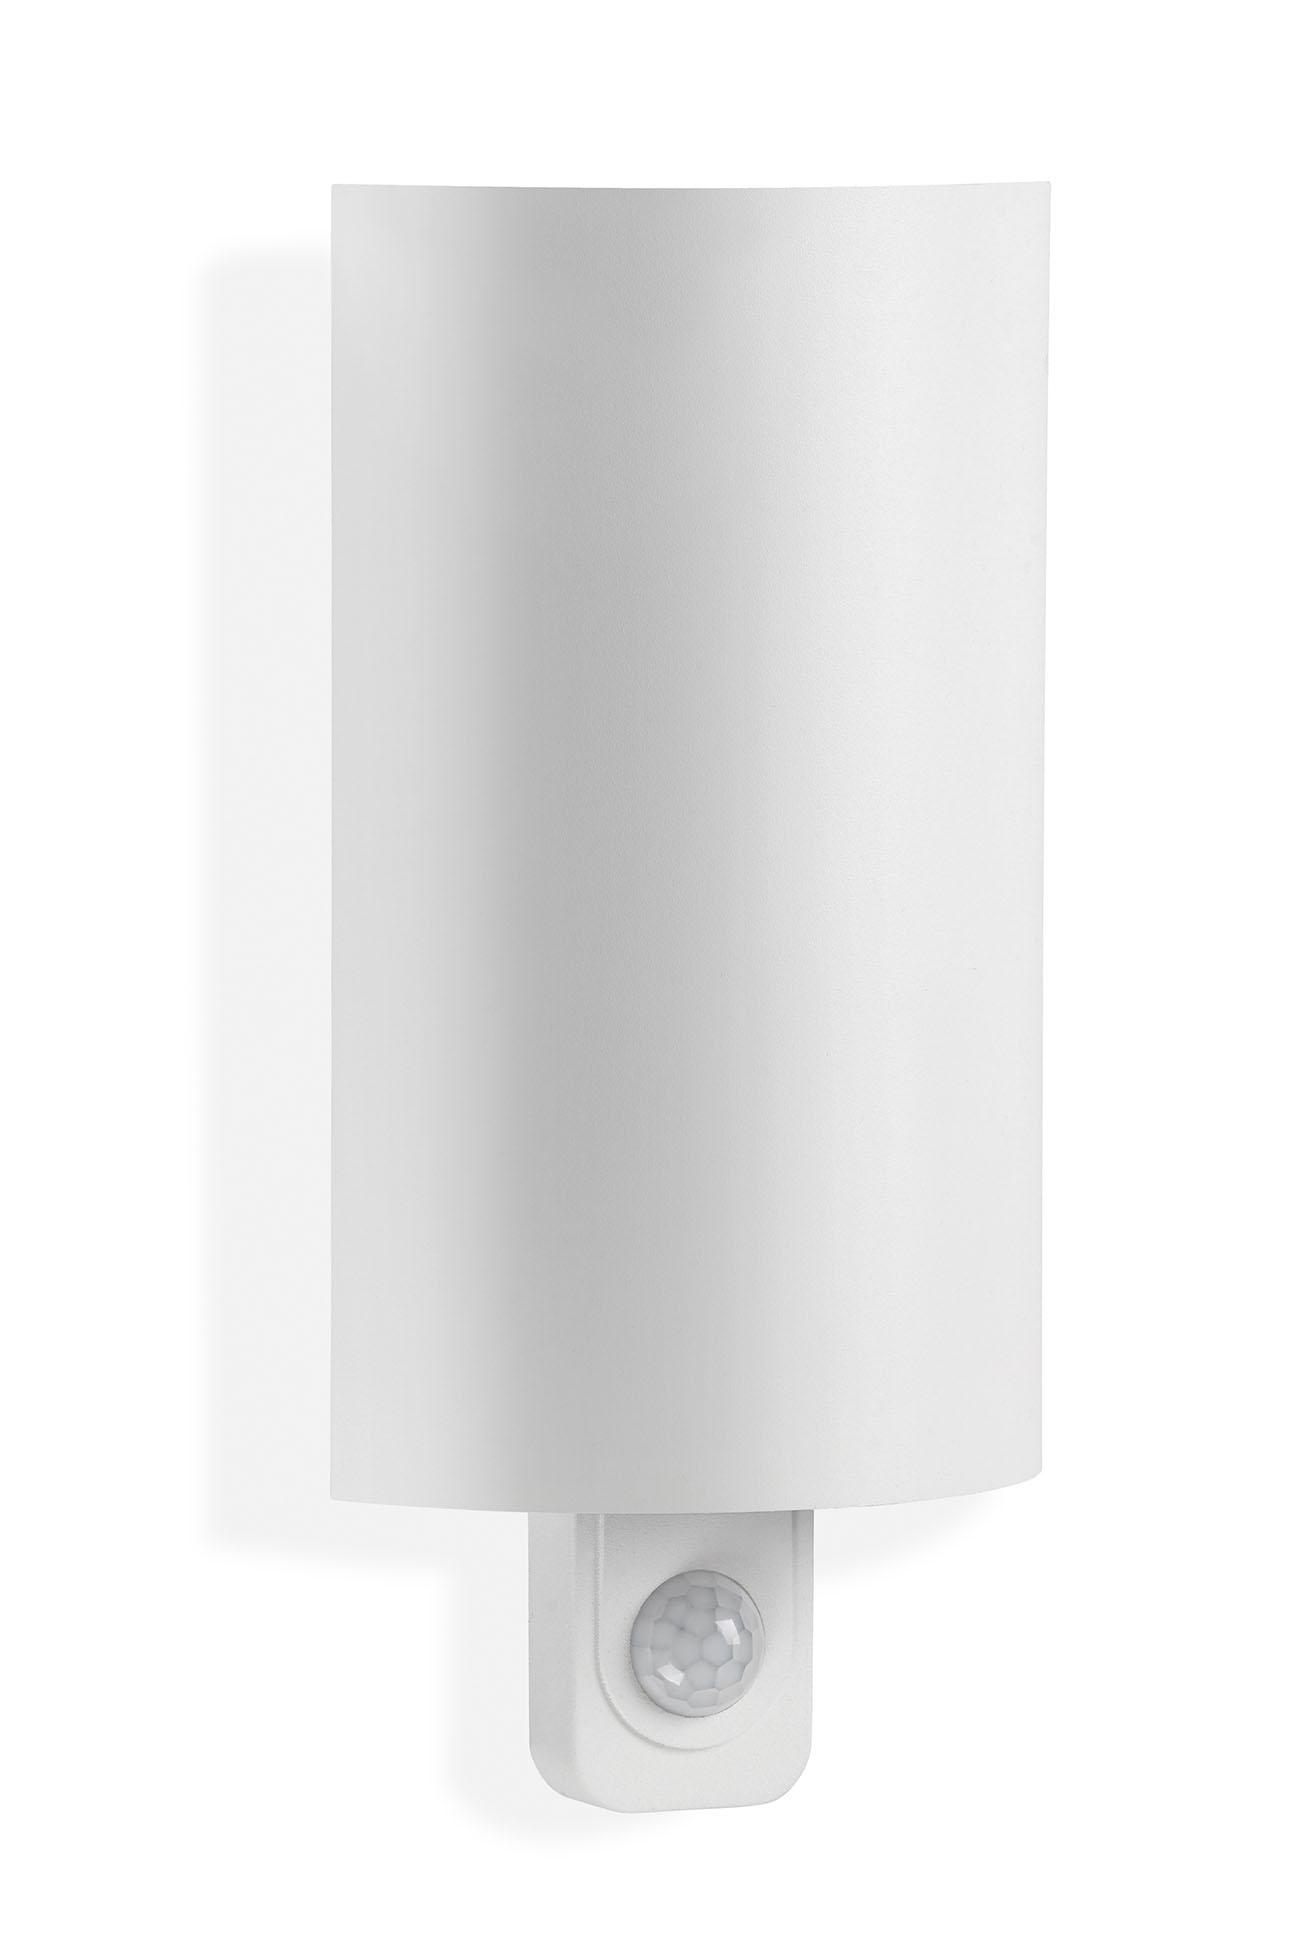 TELEFUNKEN Sensor LED Aussenleuchte, 25 cm, 7,5 W, Weiss